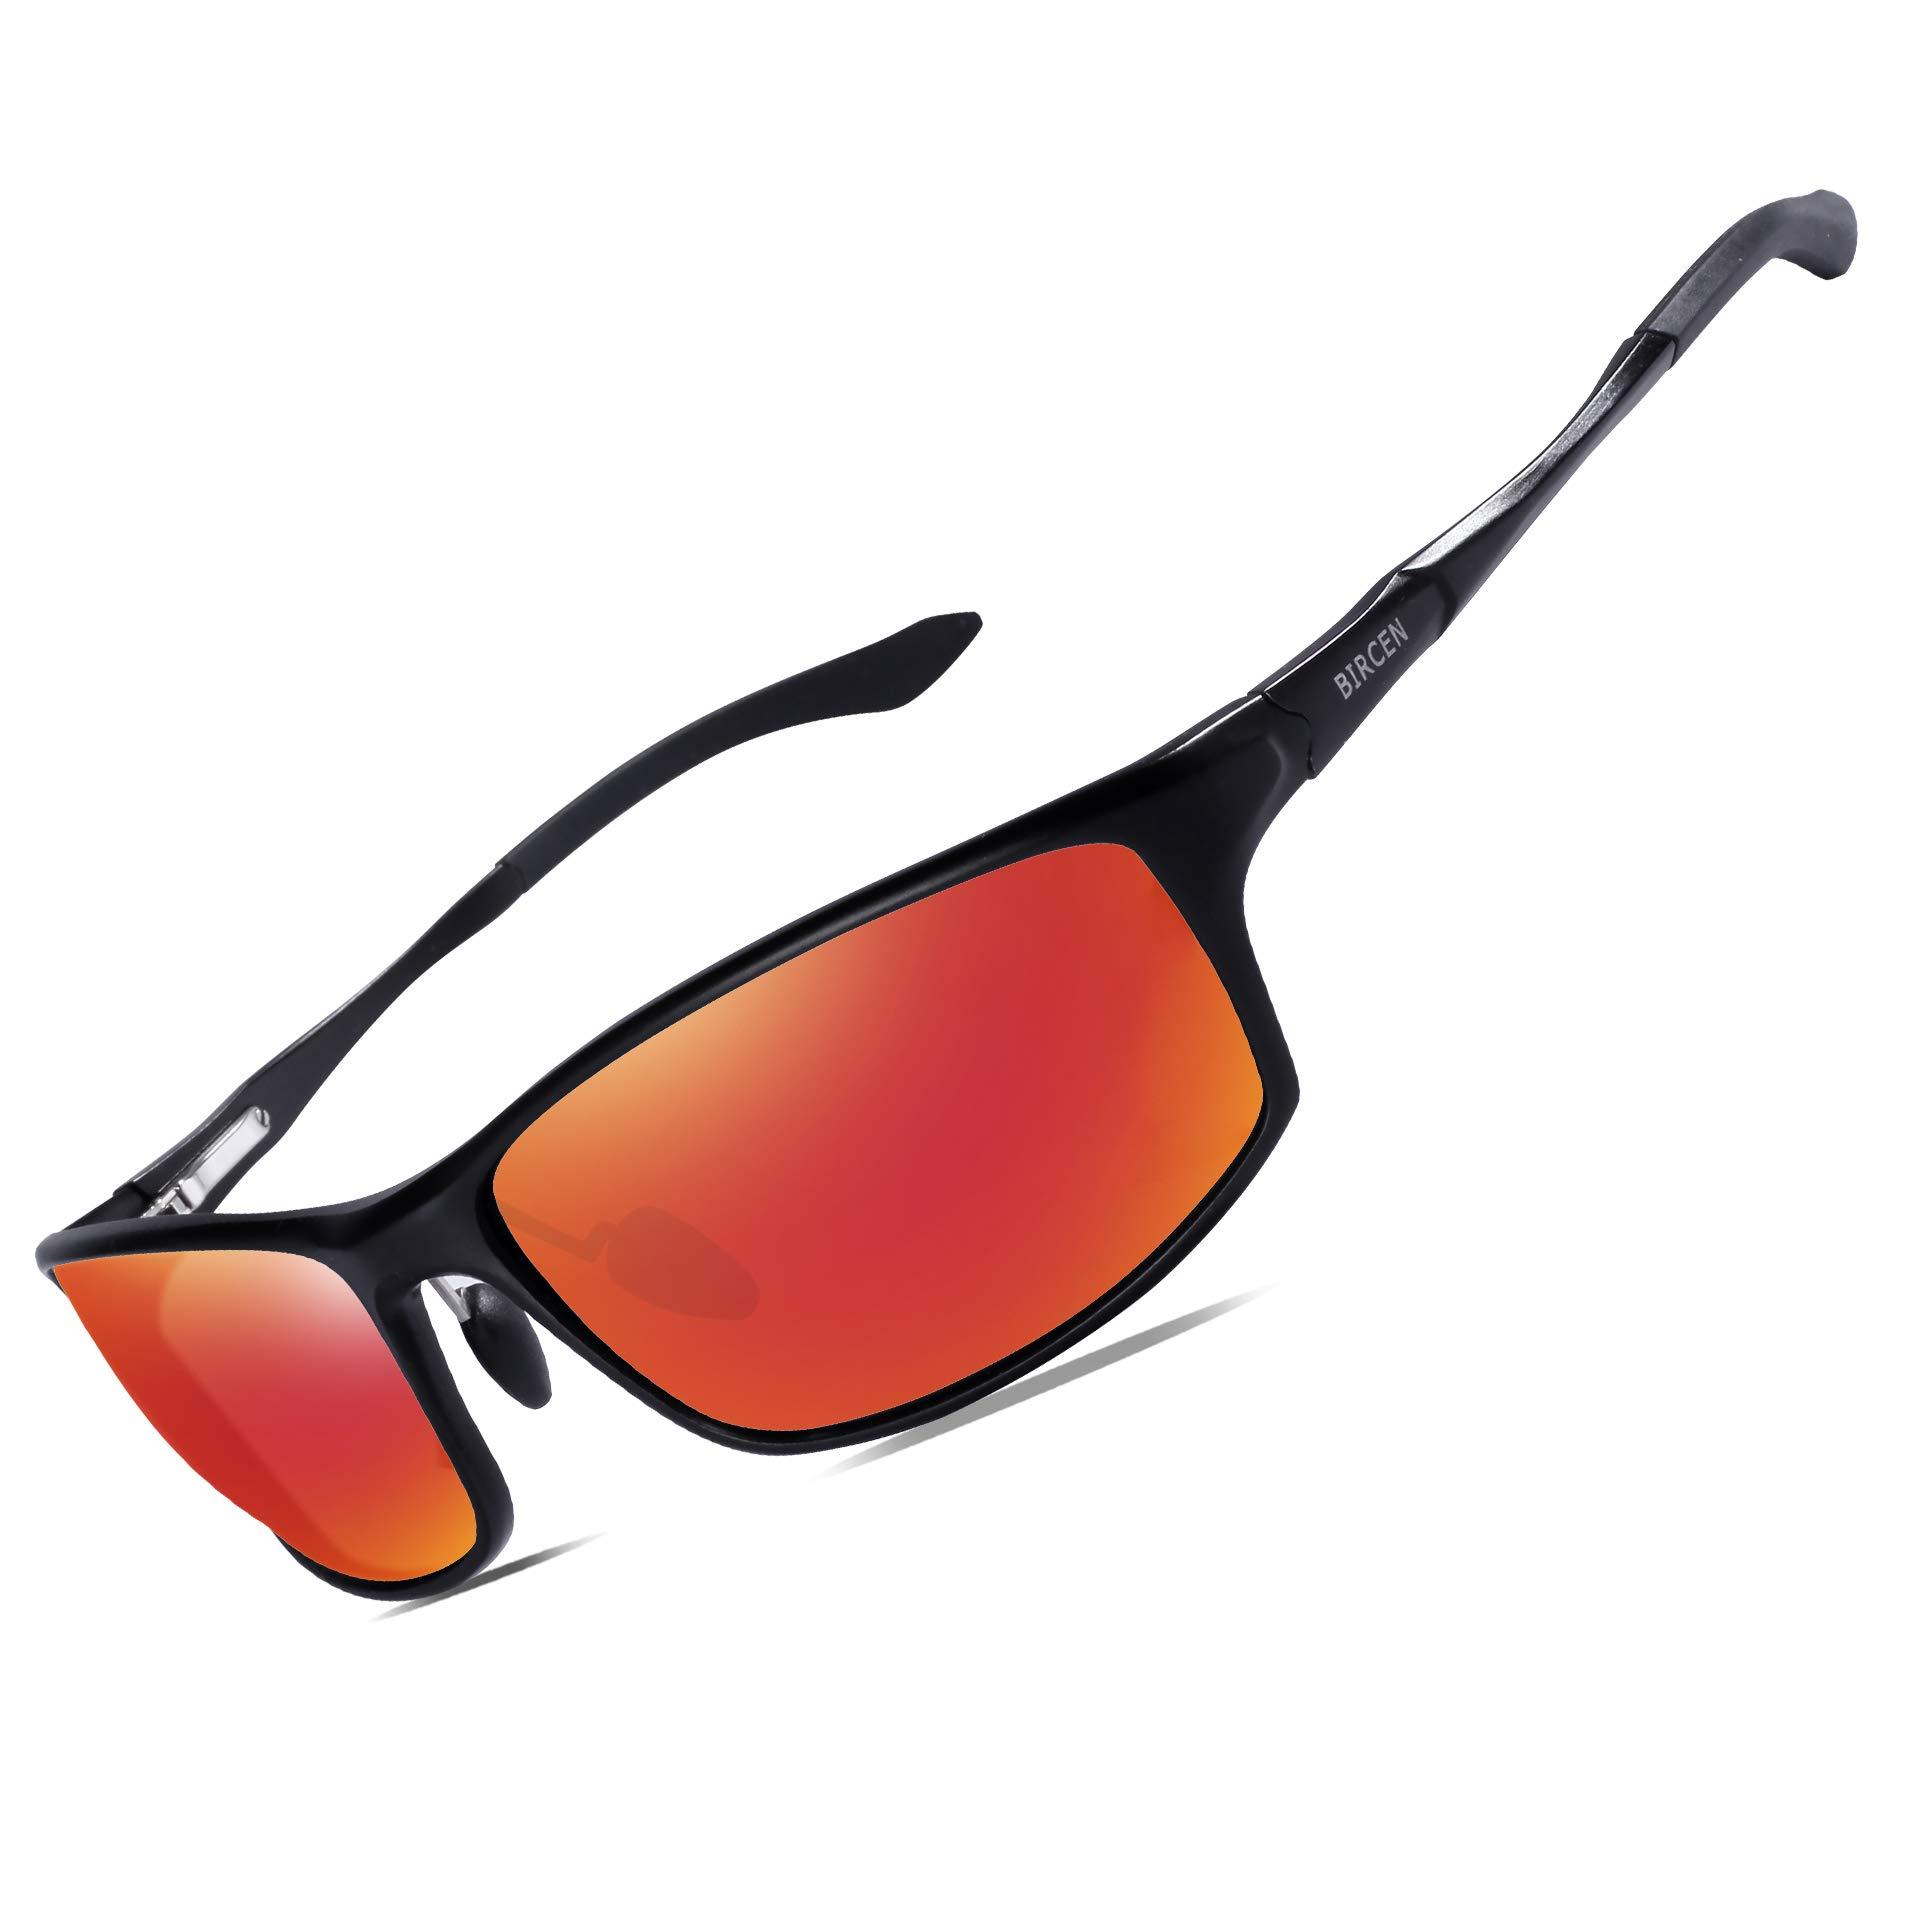 Bircen Polarized Sunglasses for Men Women UV Protection Driving Golf Fishing Sports Sunglasses (Black Frame Orange Lens) by Bircen